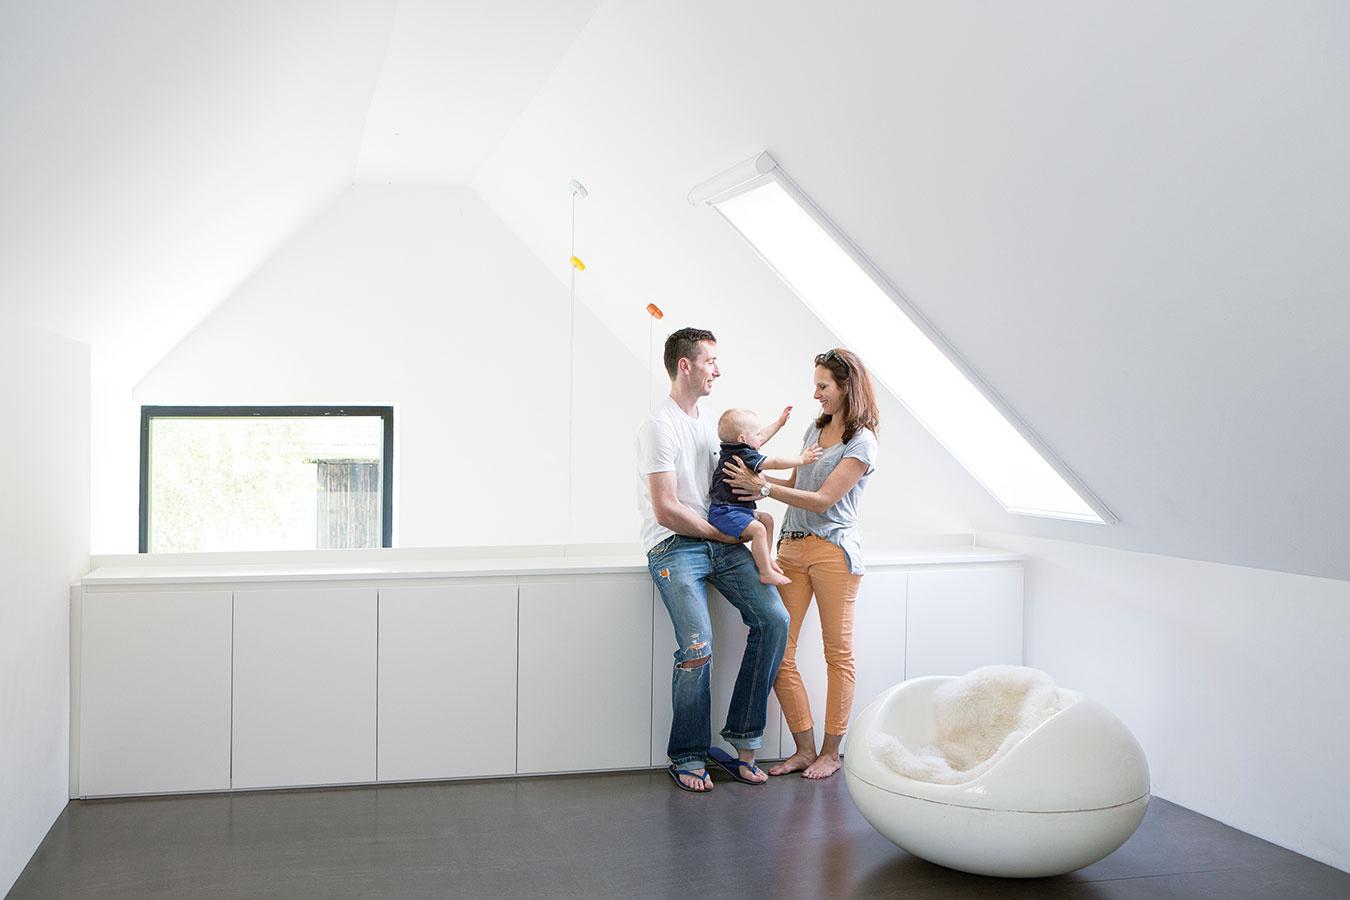 Spálňa na galérii. Rodičovská spálňa koncipovaná ako otvorená galéria patrí kzaujímavým priestorotvorným prvkom, ktoré príjemne oživujú čistý, striedmy interiér.